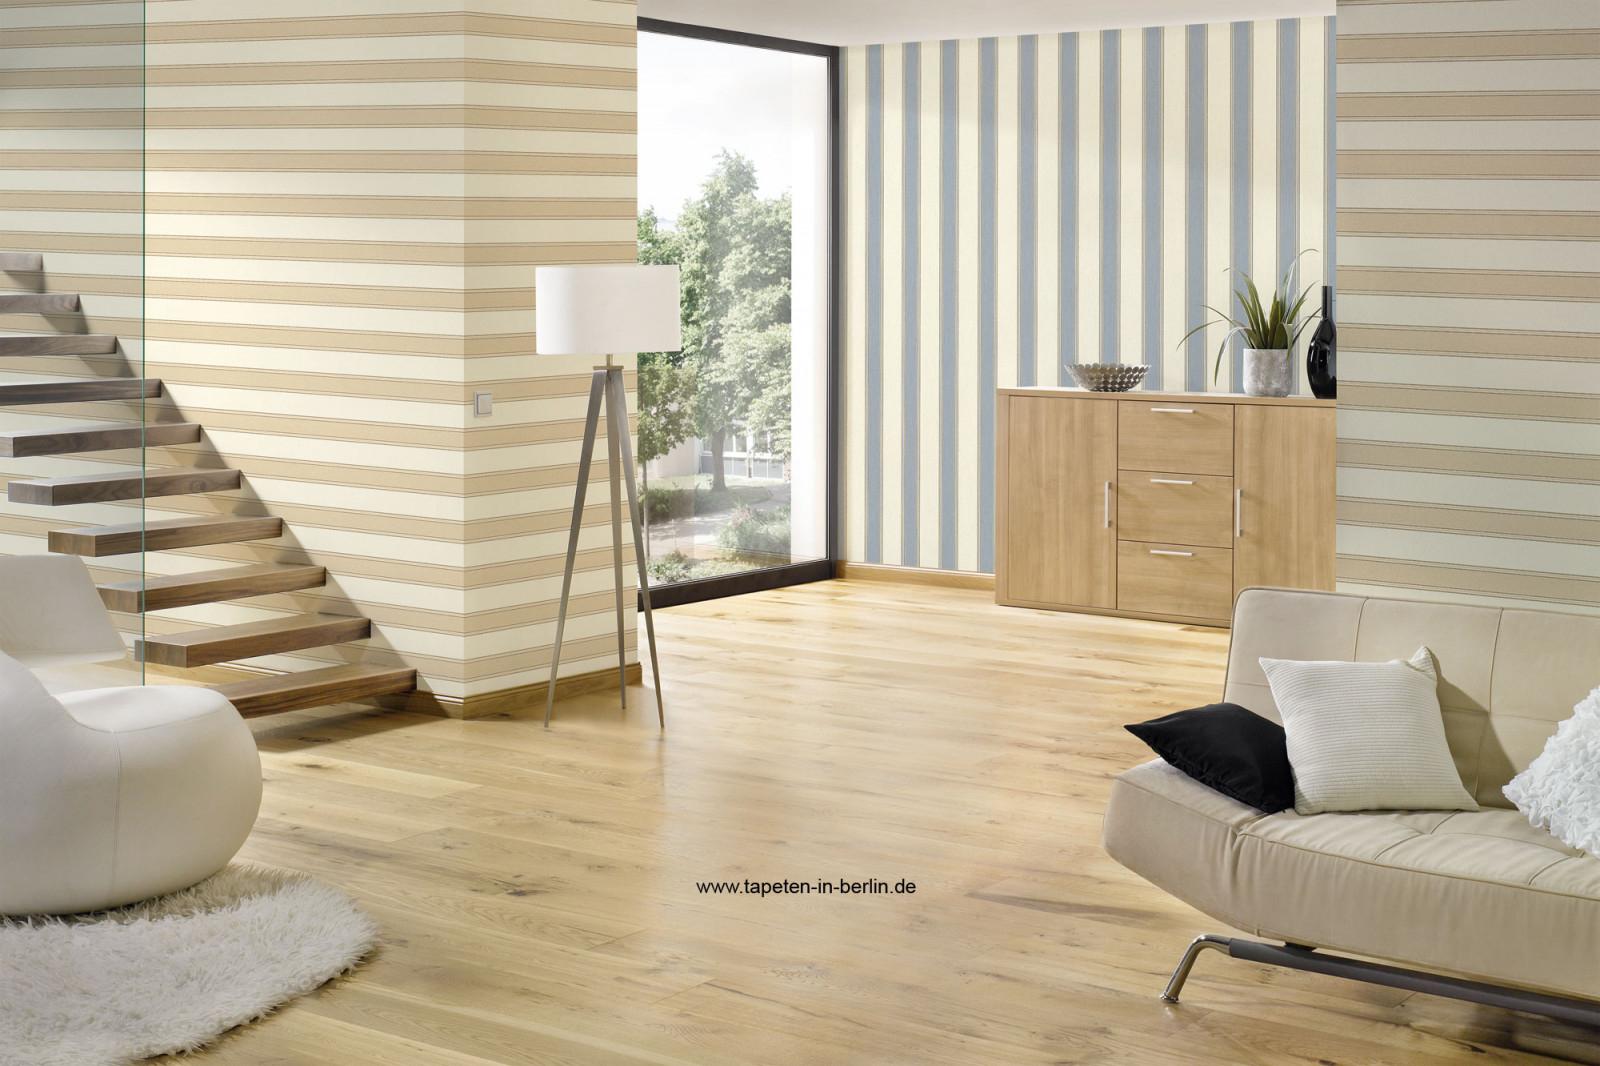 Streifentapeten Tapeten Mit Breiten U Schmalen Streifen von Streifen Tapeten Wohnzimmer Bild